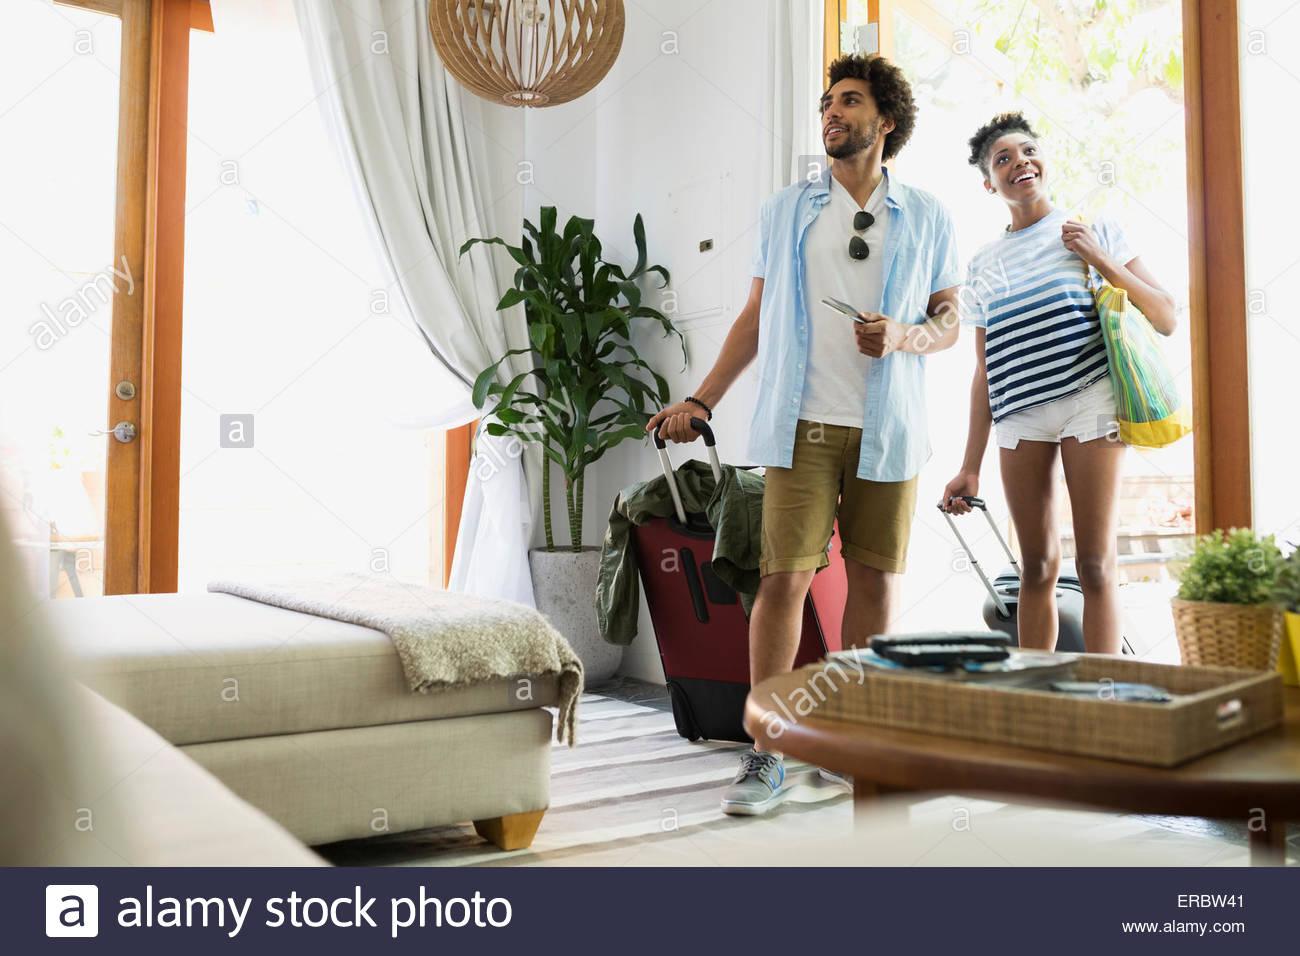 Zu zweit mit Koffern Ankunft im Ferienhaus Stockbild